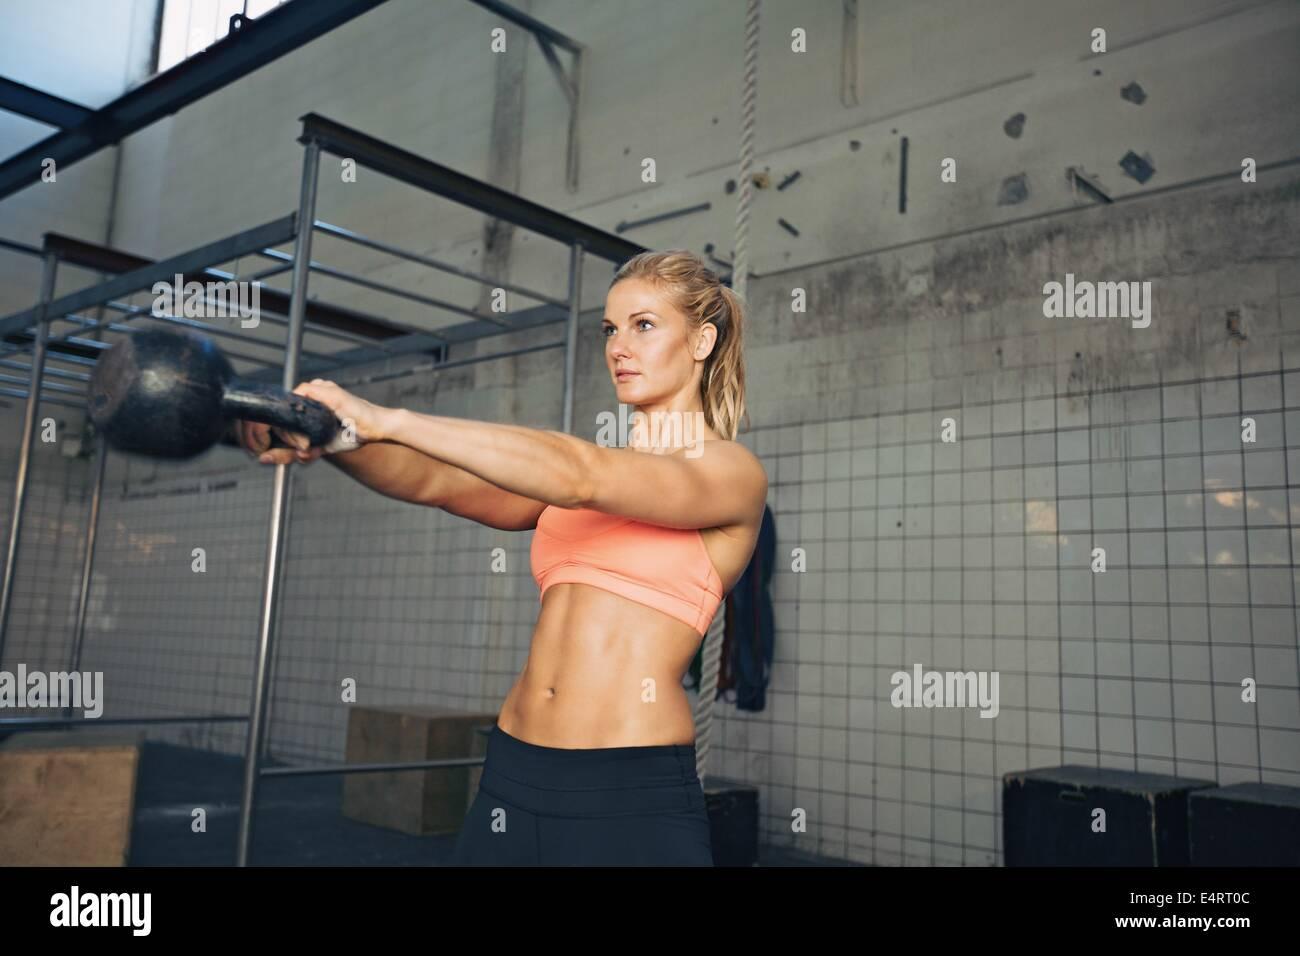 Mujer Fitness swinging hervidora bell al gimnasio. Joven mujer caucásica haciendo ejercicio con un kettlebell swing Foto de stock